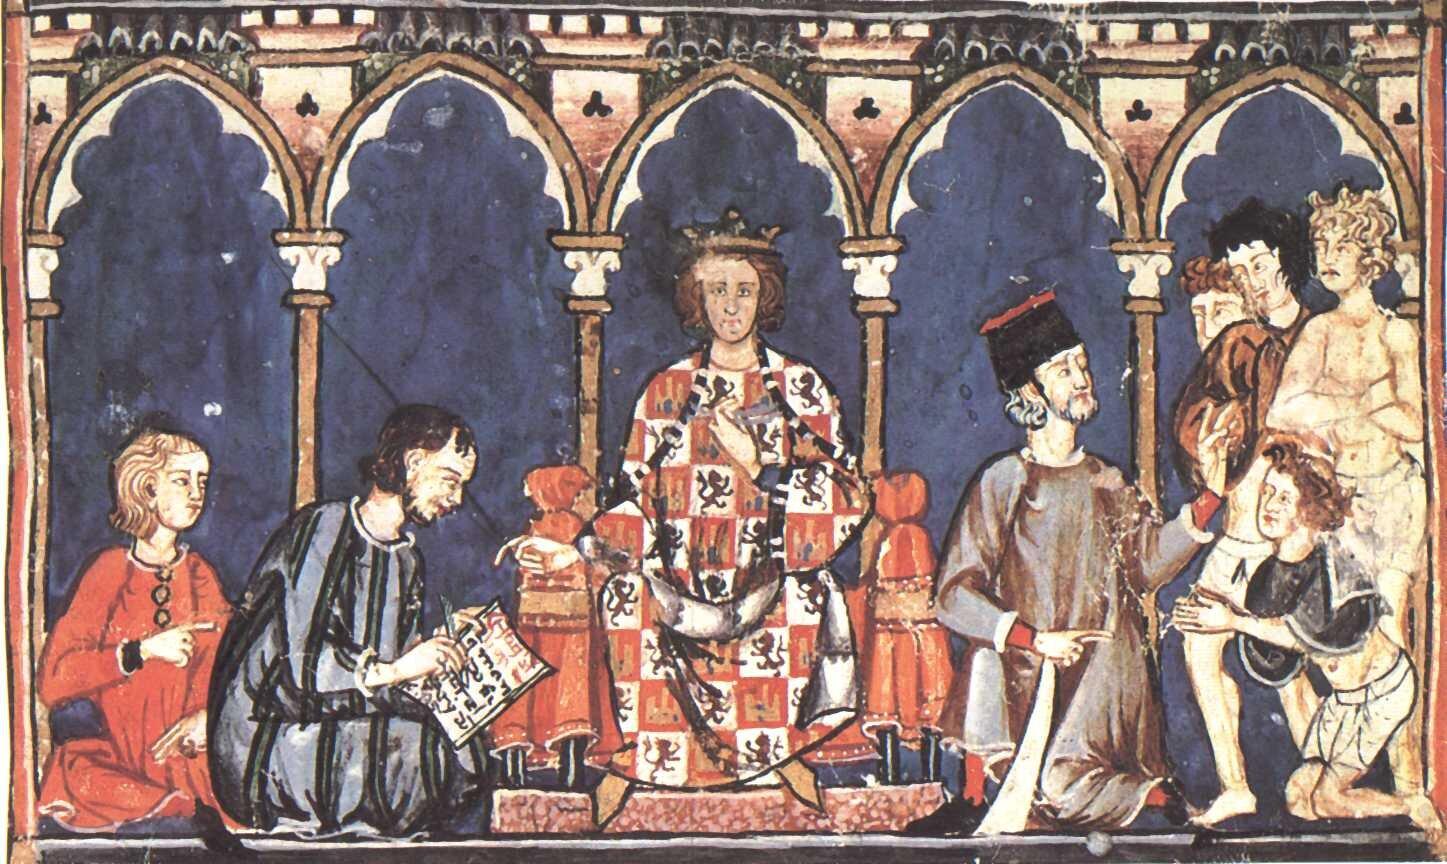 Scena przedstawiająca króla Niemiec Alfonsa XMądrego Źródło: Scena przedstawiająca króla Niemiec Alfonsa XMądrego, licencja: CC 0.